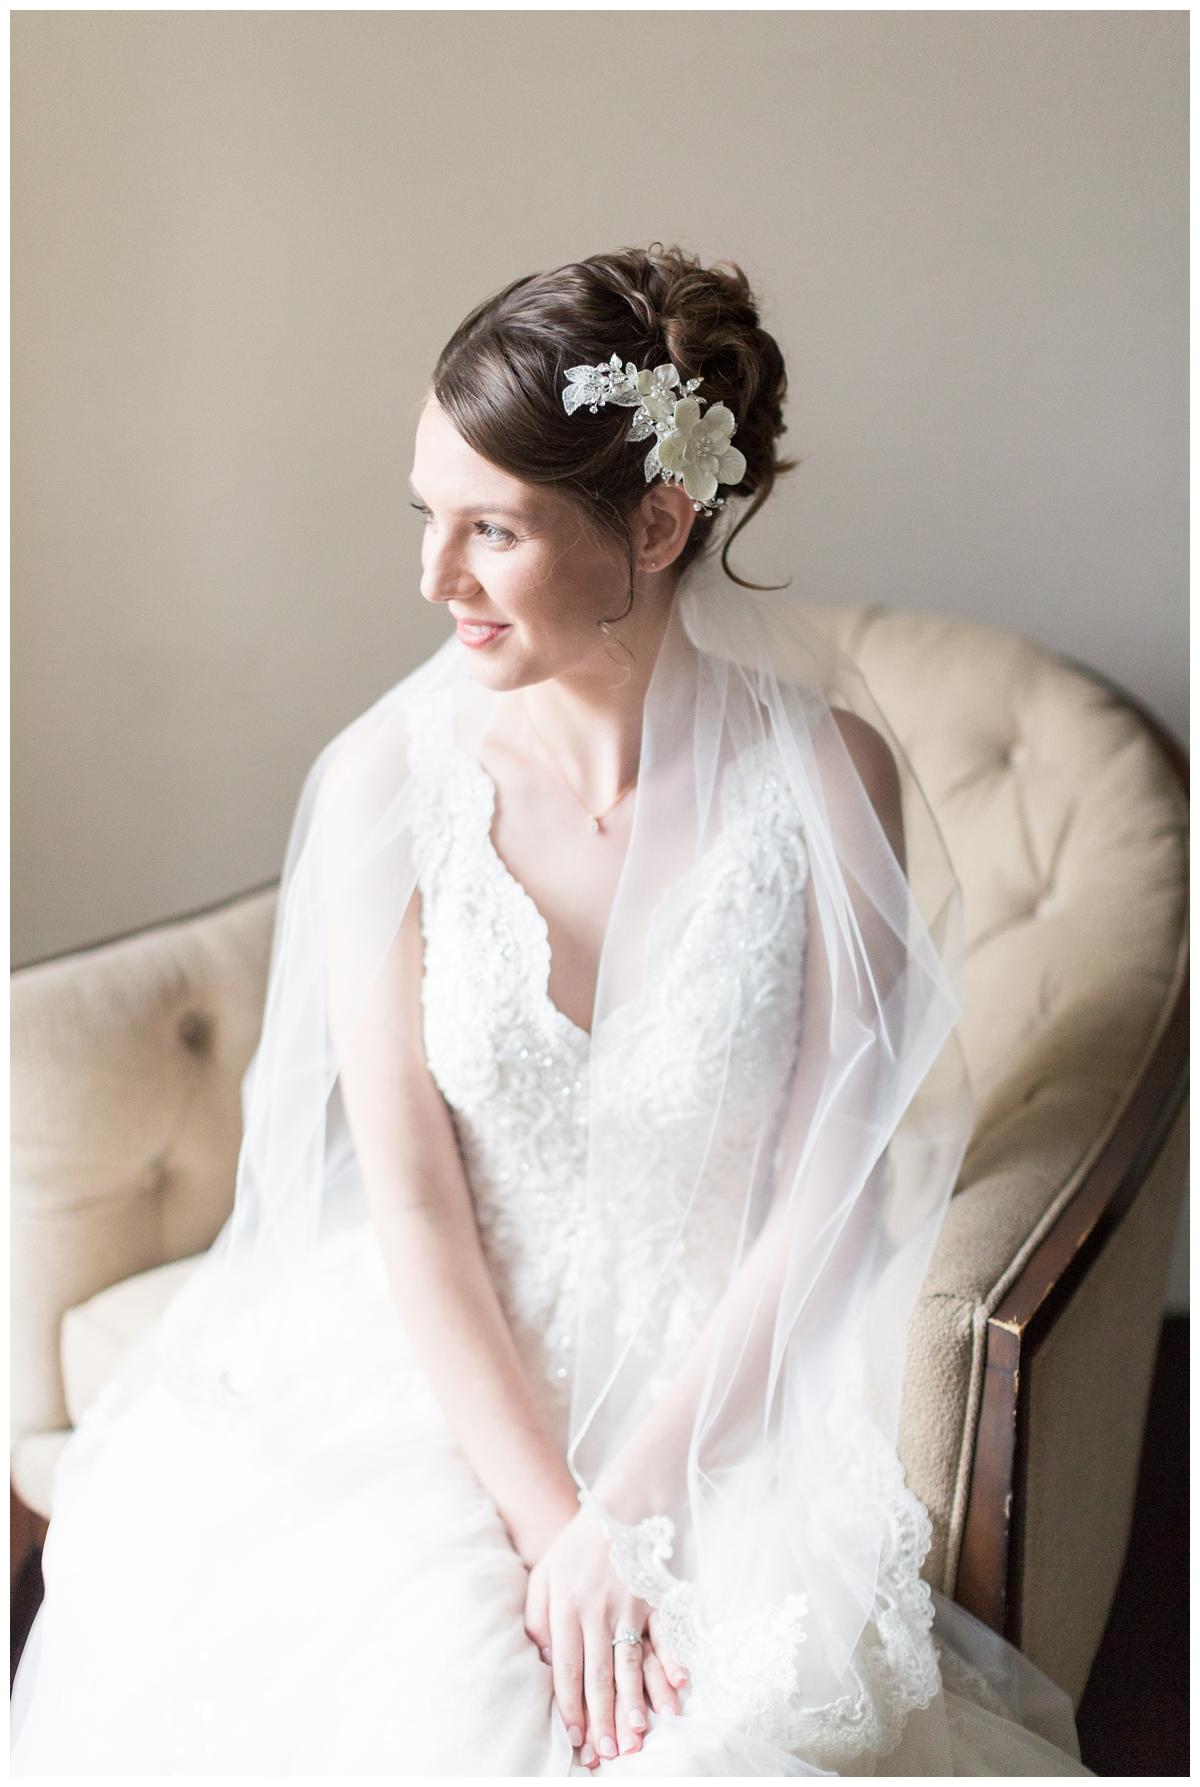 bride gets ready in the bridal suite at Vizcaya Sacramento wedding venue